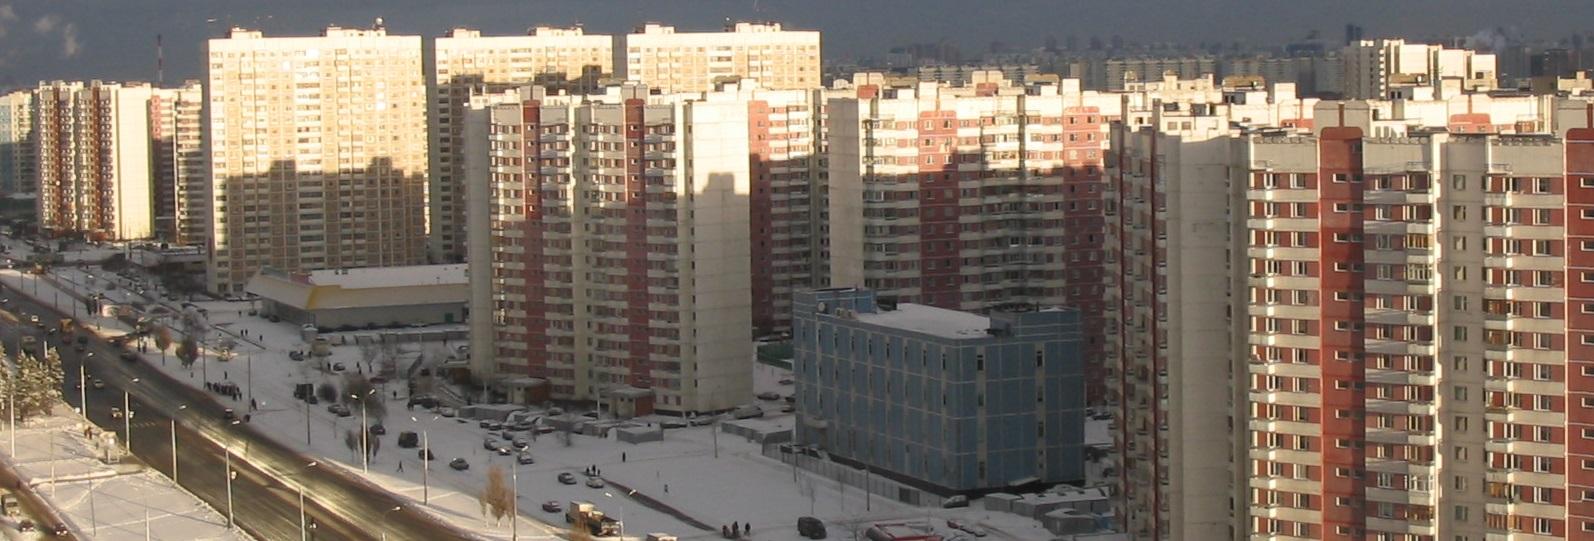 Грузоперевозки в Ново-Переделкино